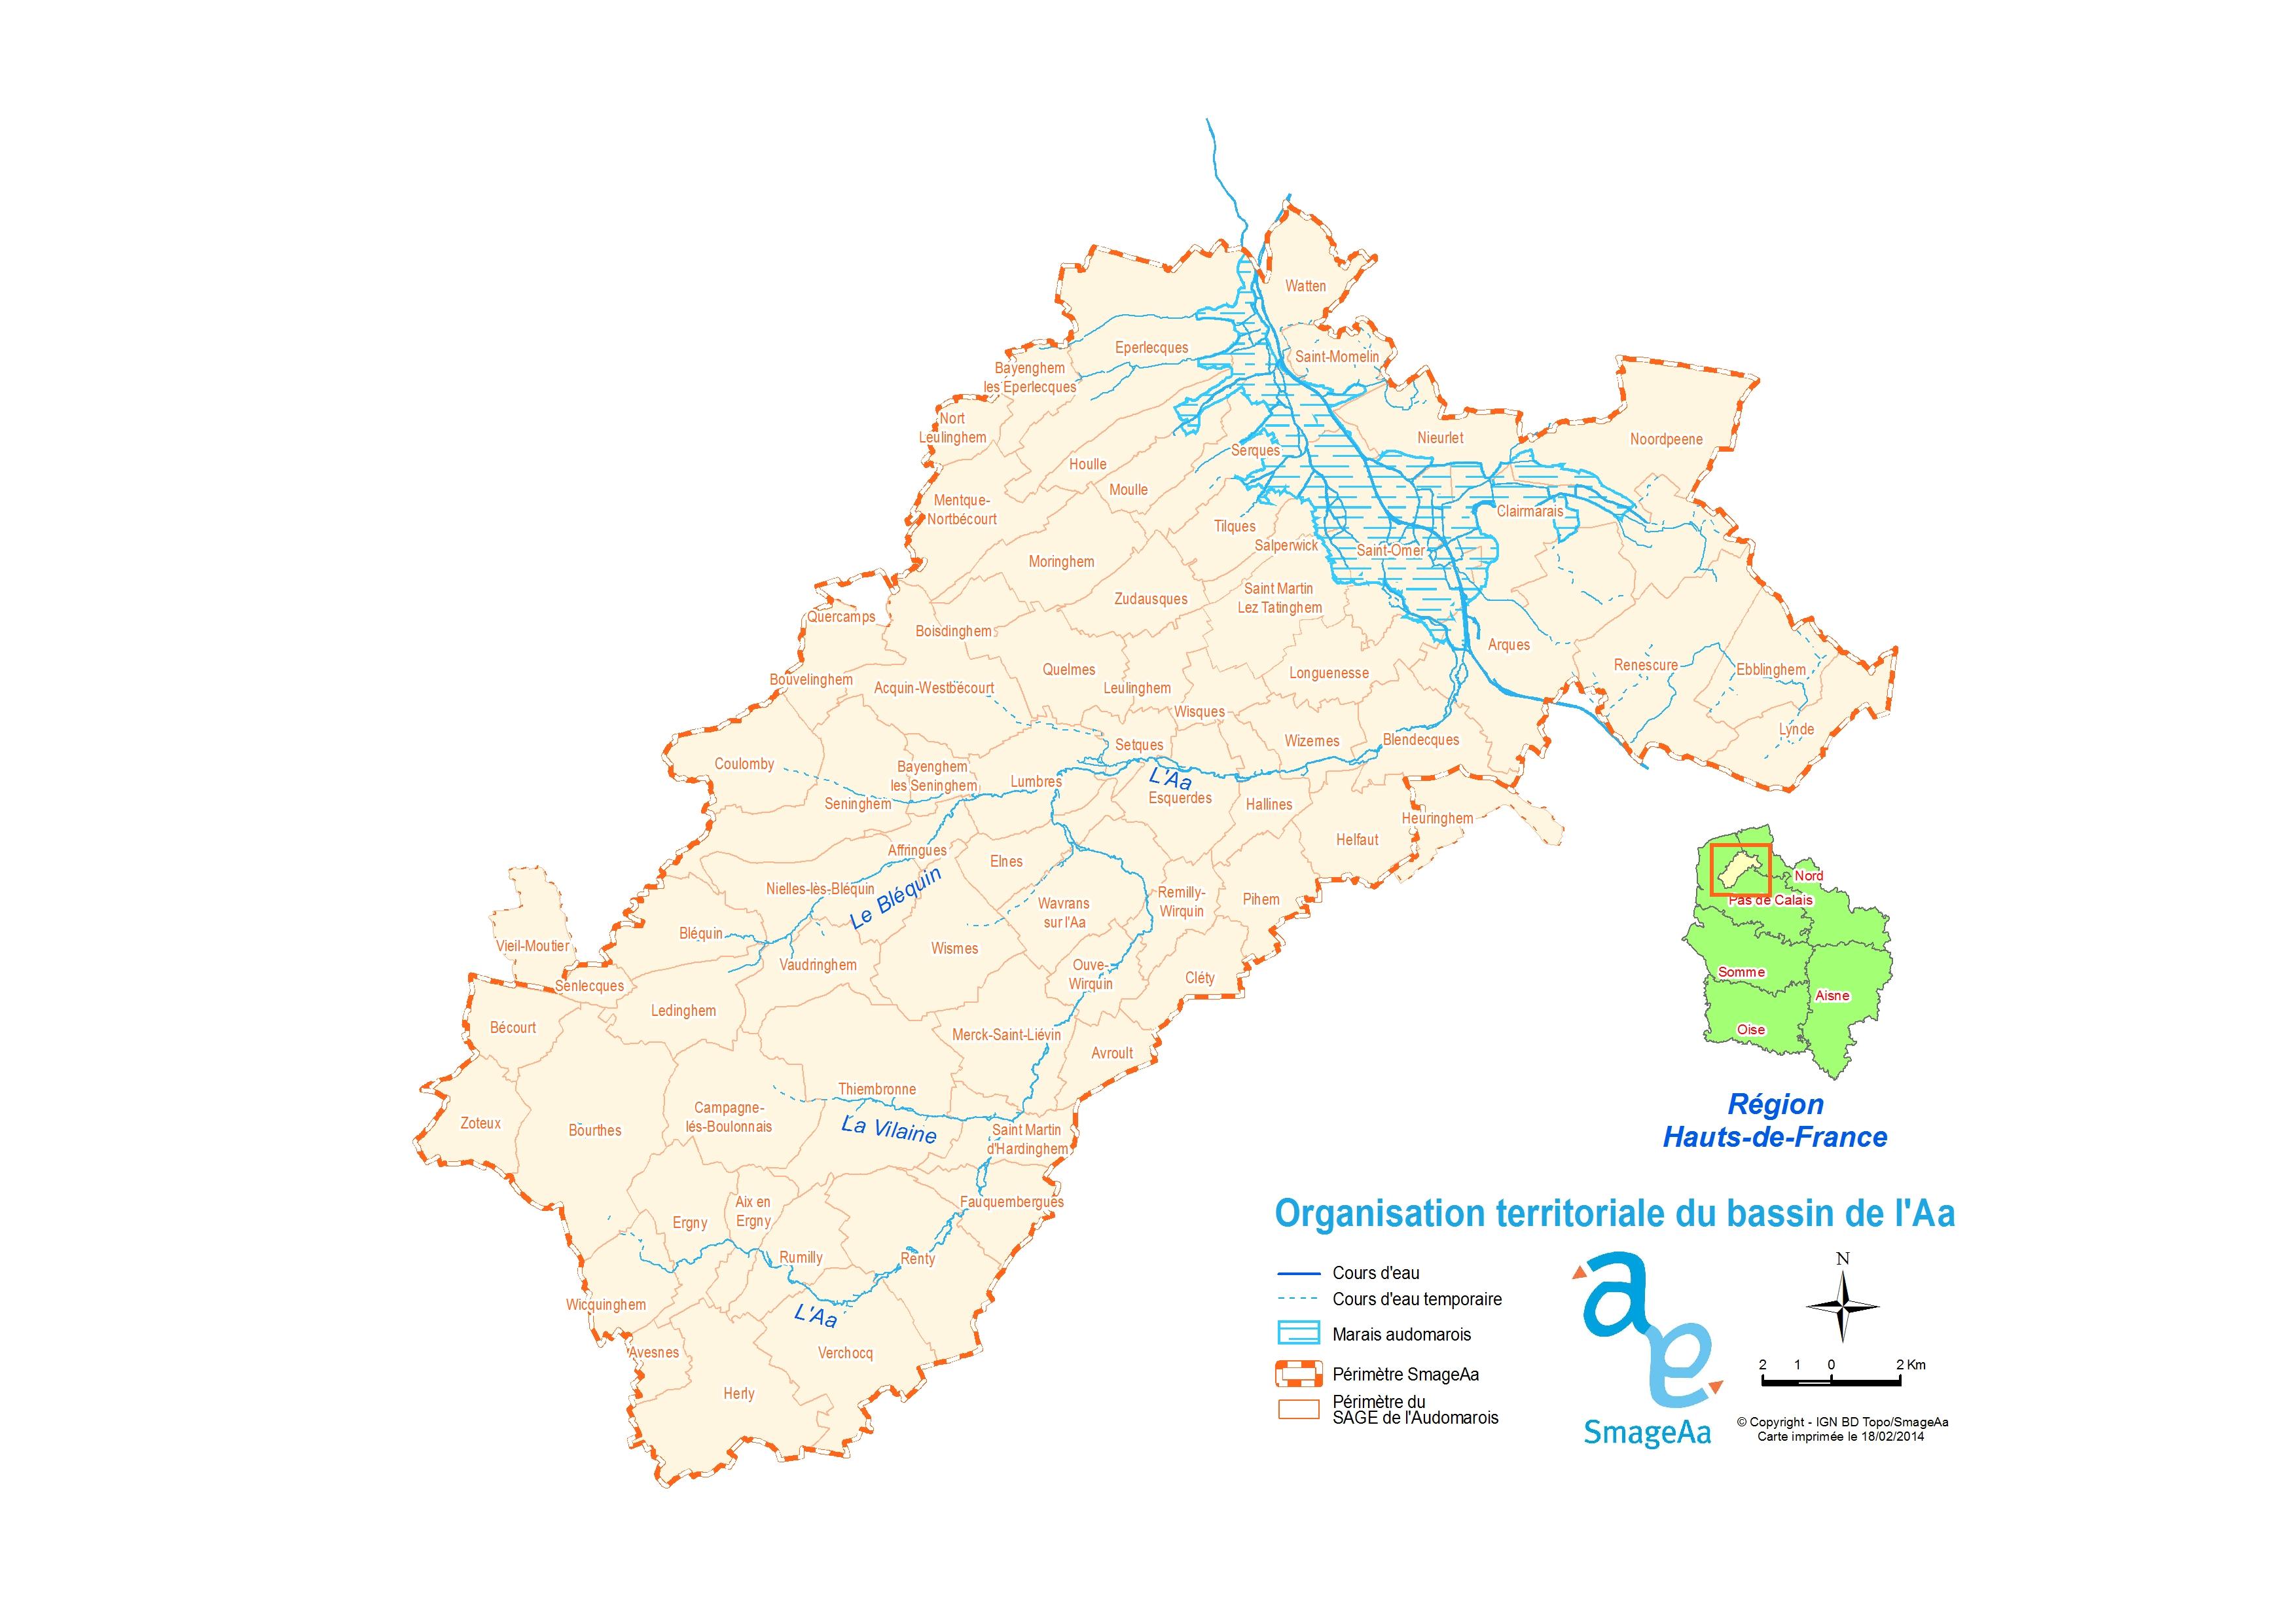 Réseau hydro + communes SmageAa-cle